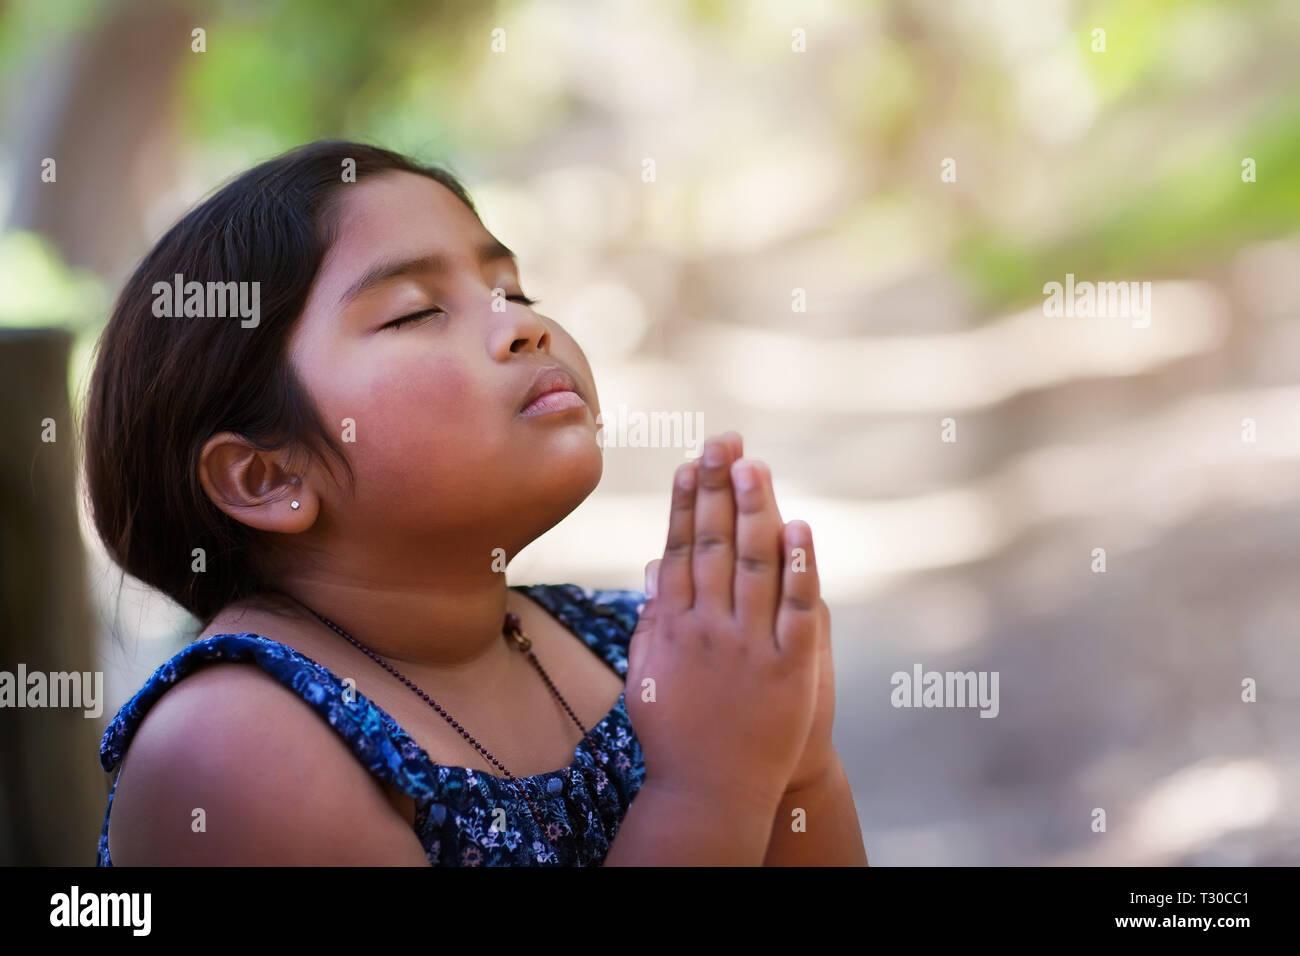 Una niña rezando con las manos juntas en la reverencia a Dios, vistiendo ropa conservadora y en un escenario al aire libre. Imagen De Stock